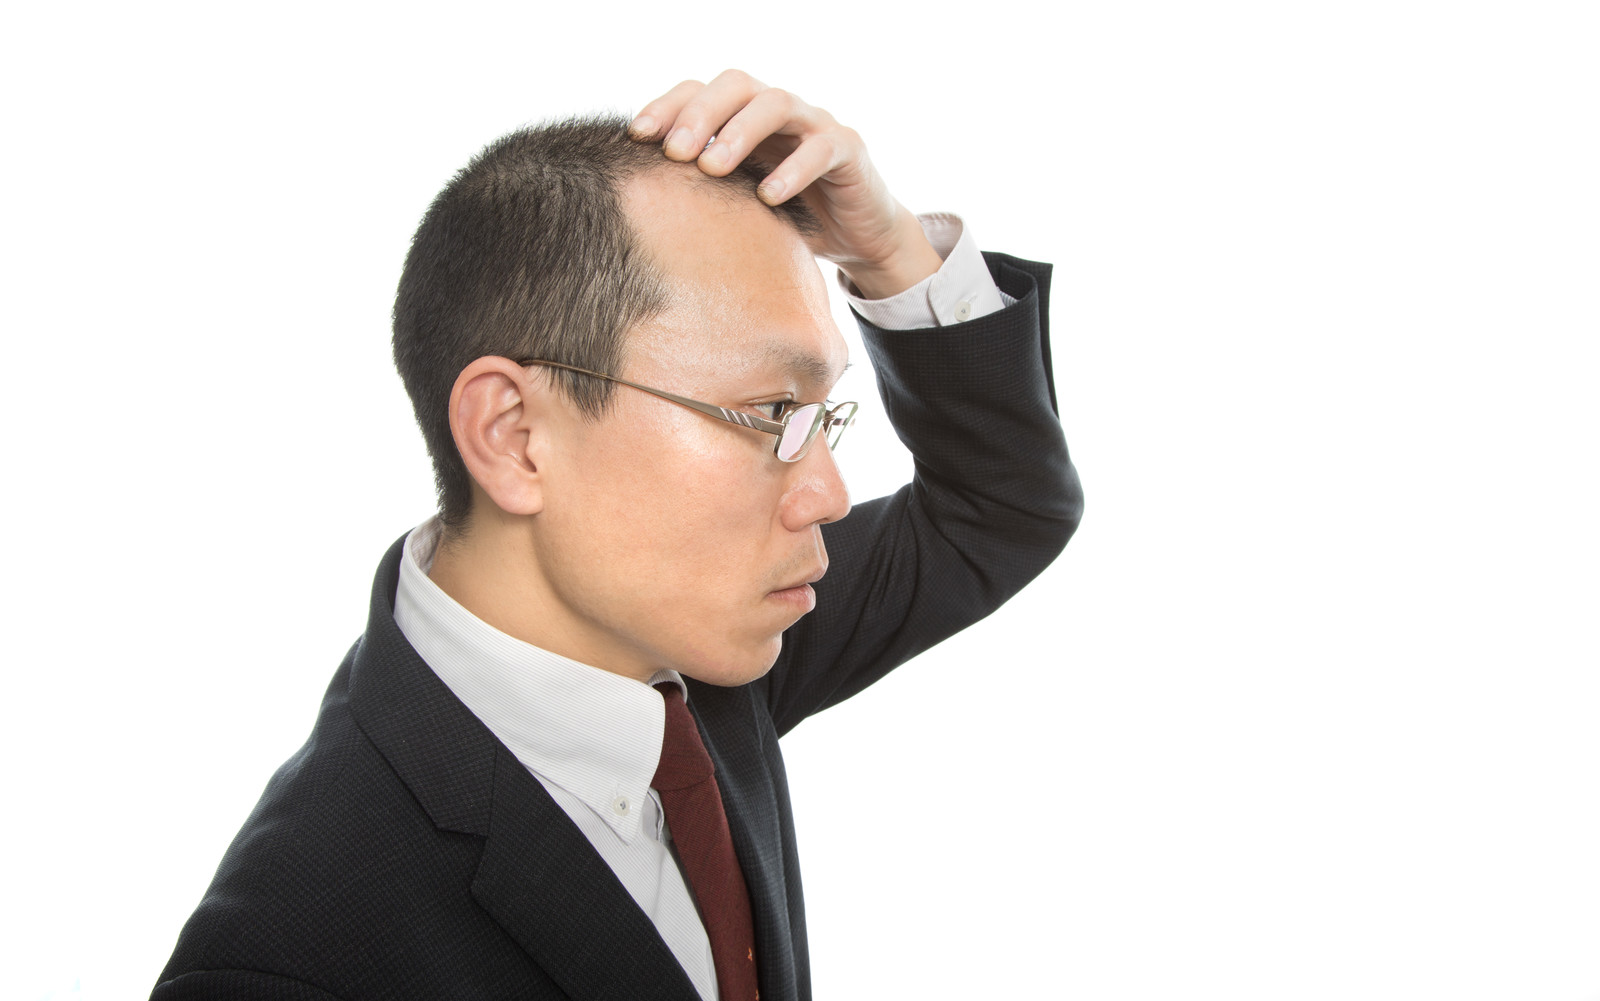 「剃り込みが後退する薄毛会社員」の写真[モデル:サンライズ鈴木]